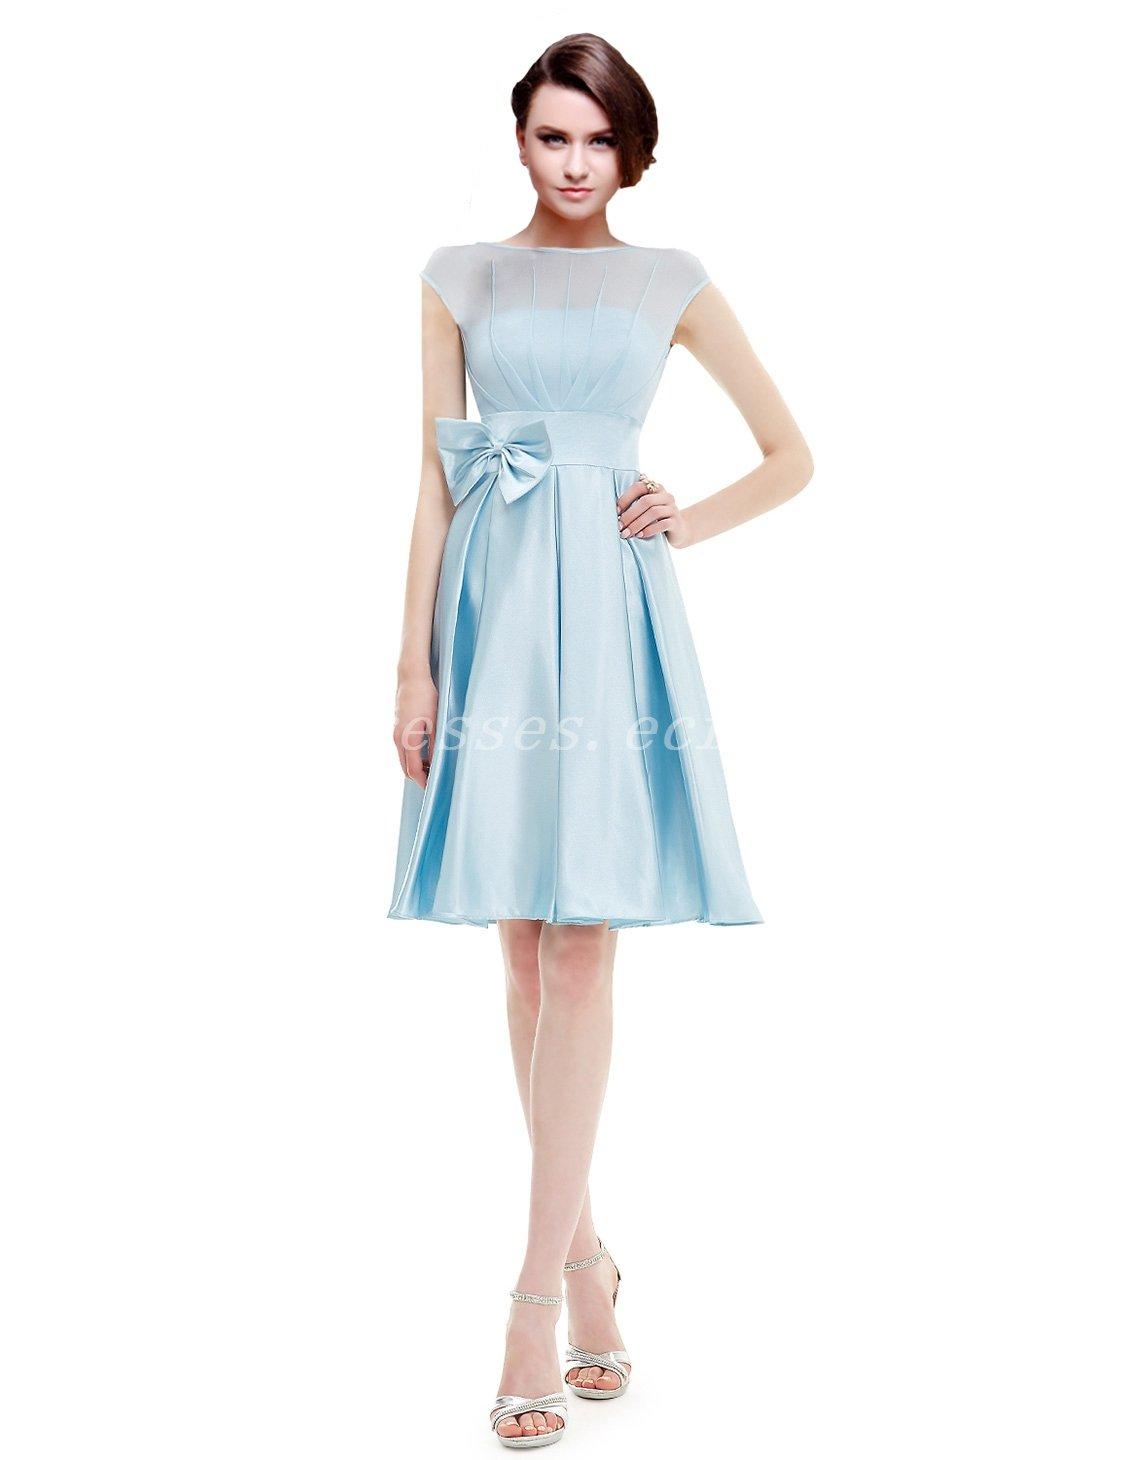 Bateau Neckline Knee Length Blue Bridesmaid Dresses